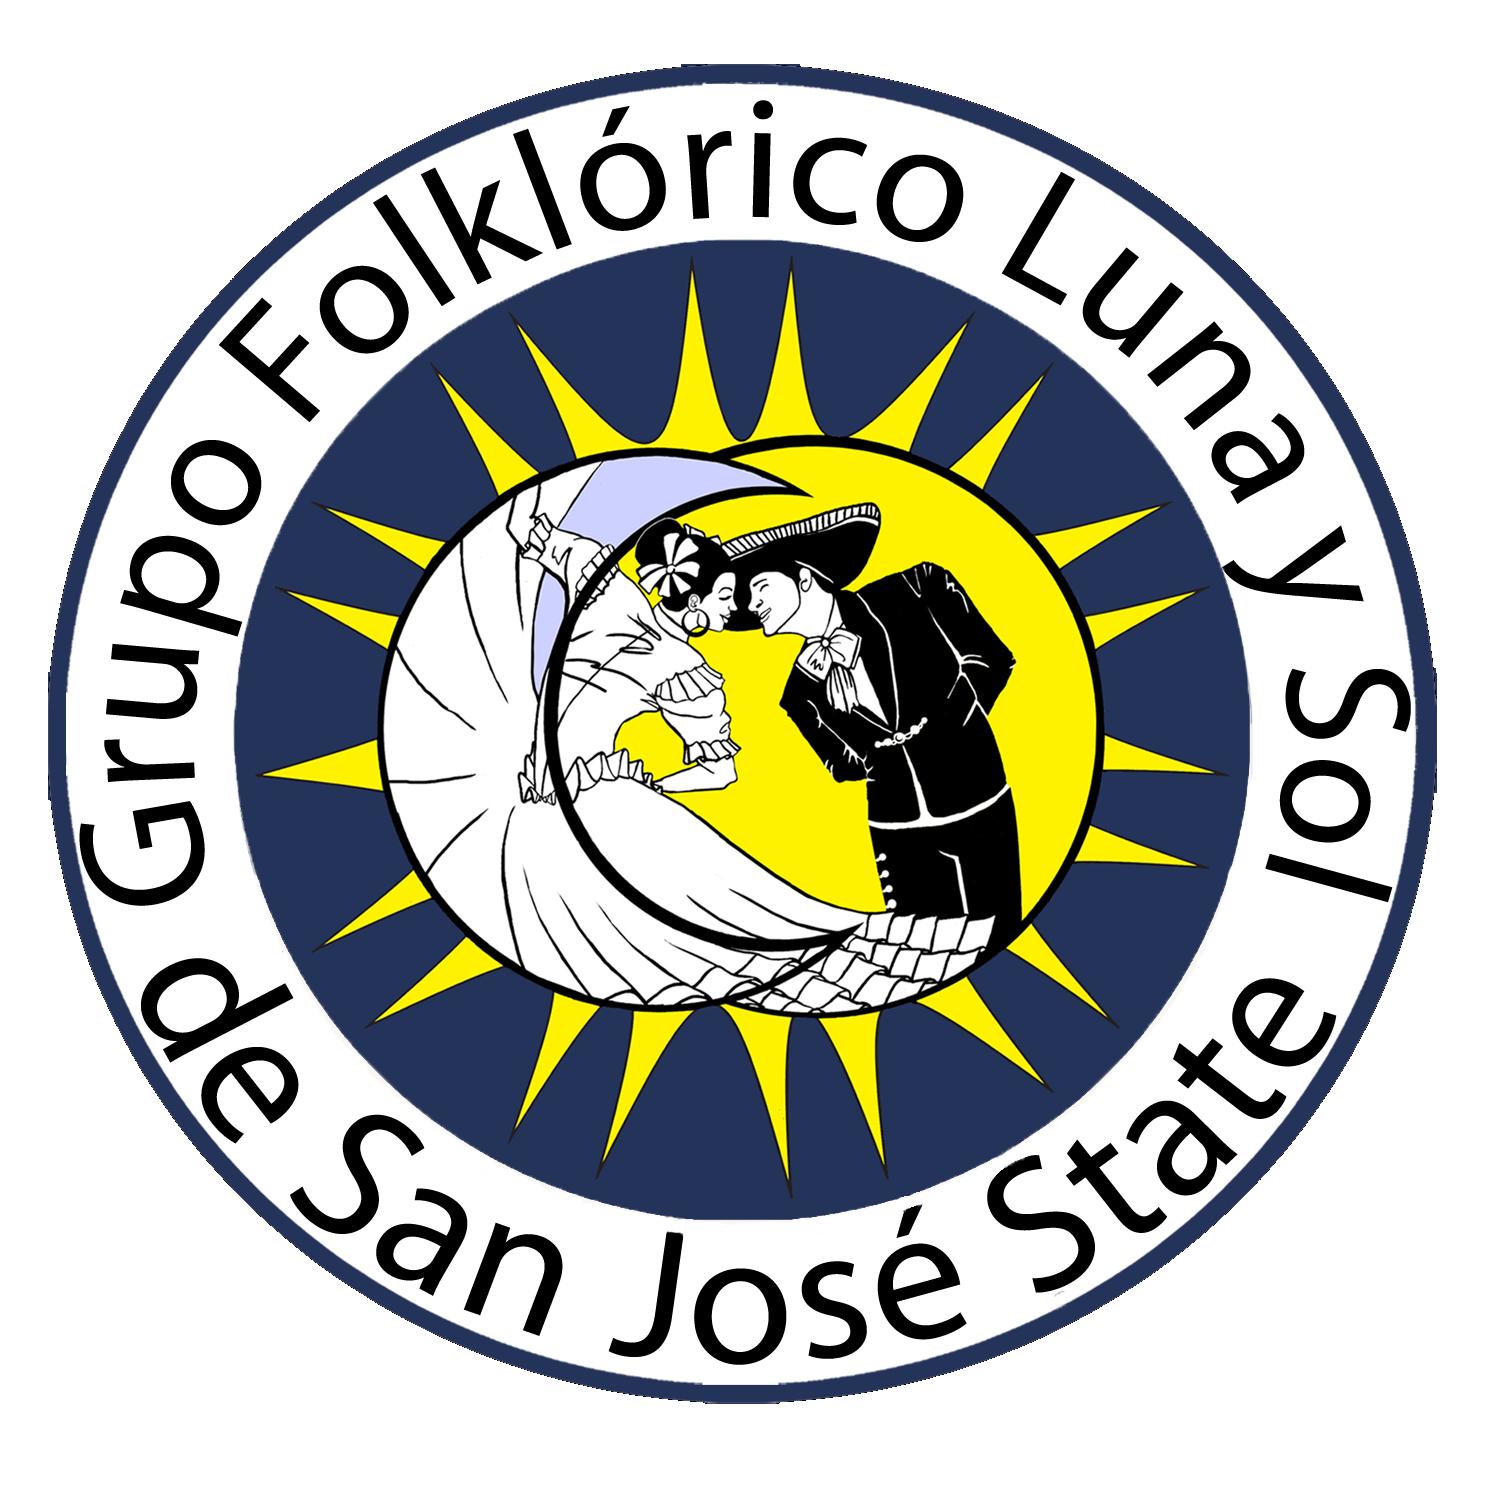 Mexican clipart folklorico. Grupo luna y sol